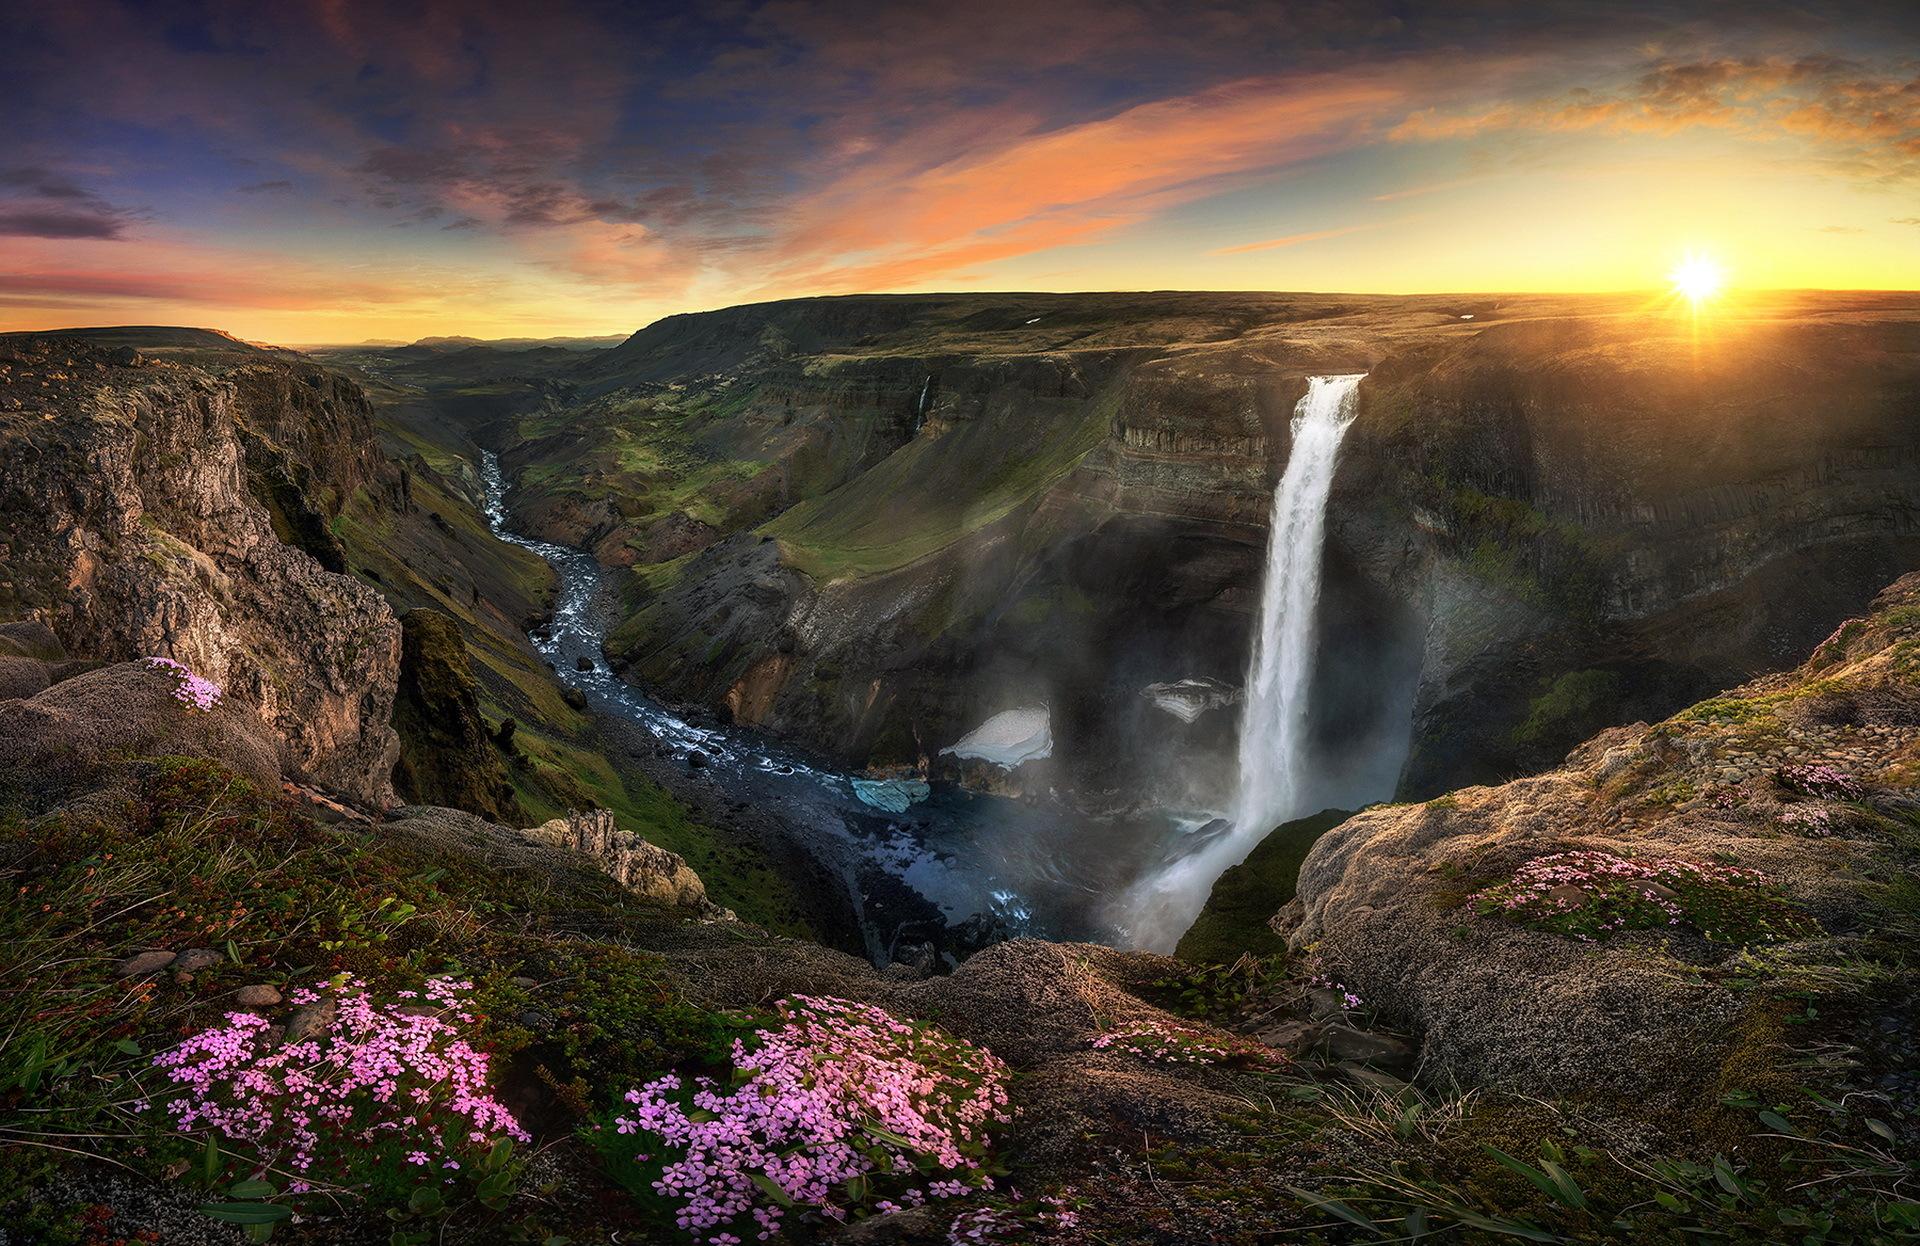 pisayut-vodopad-v-gorah-krasivie